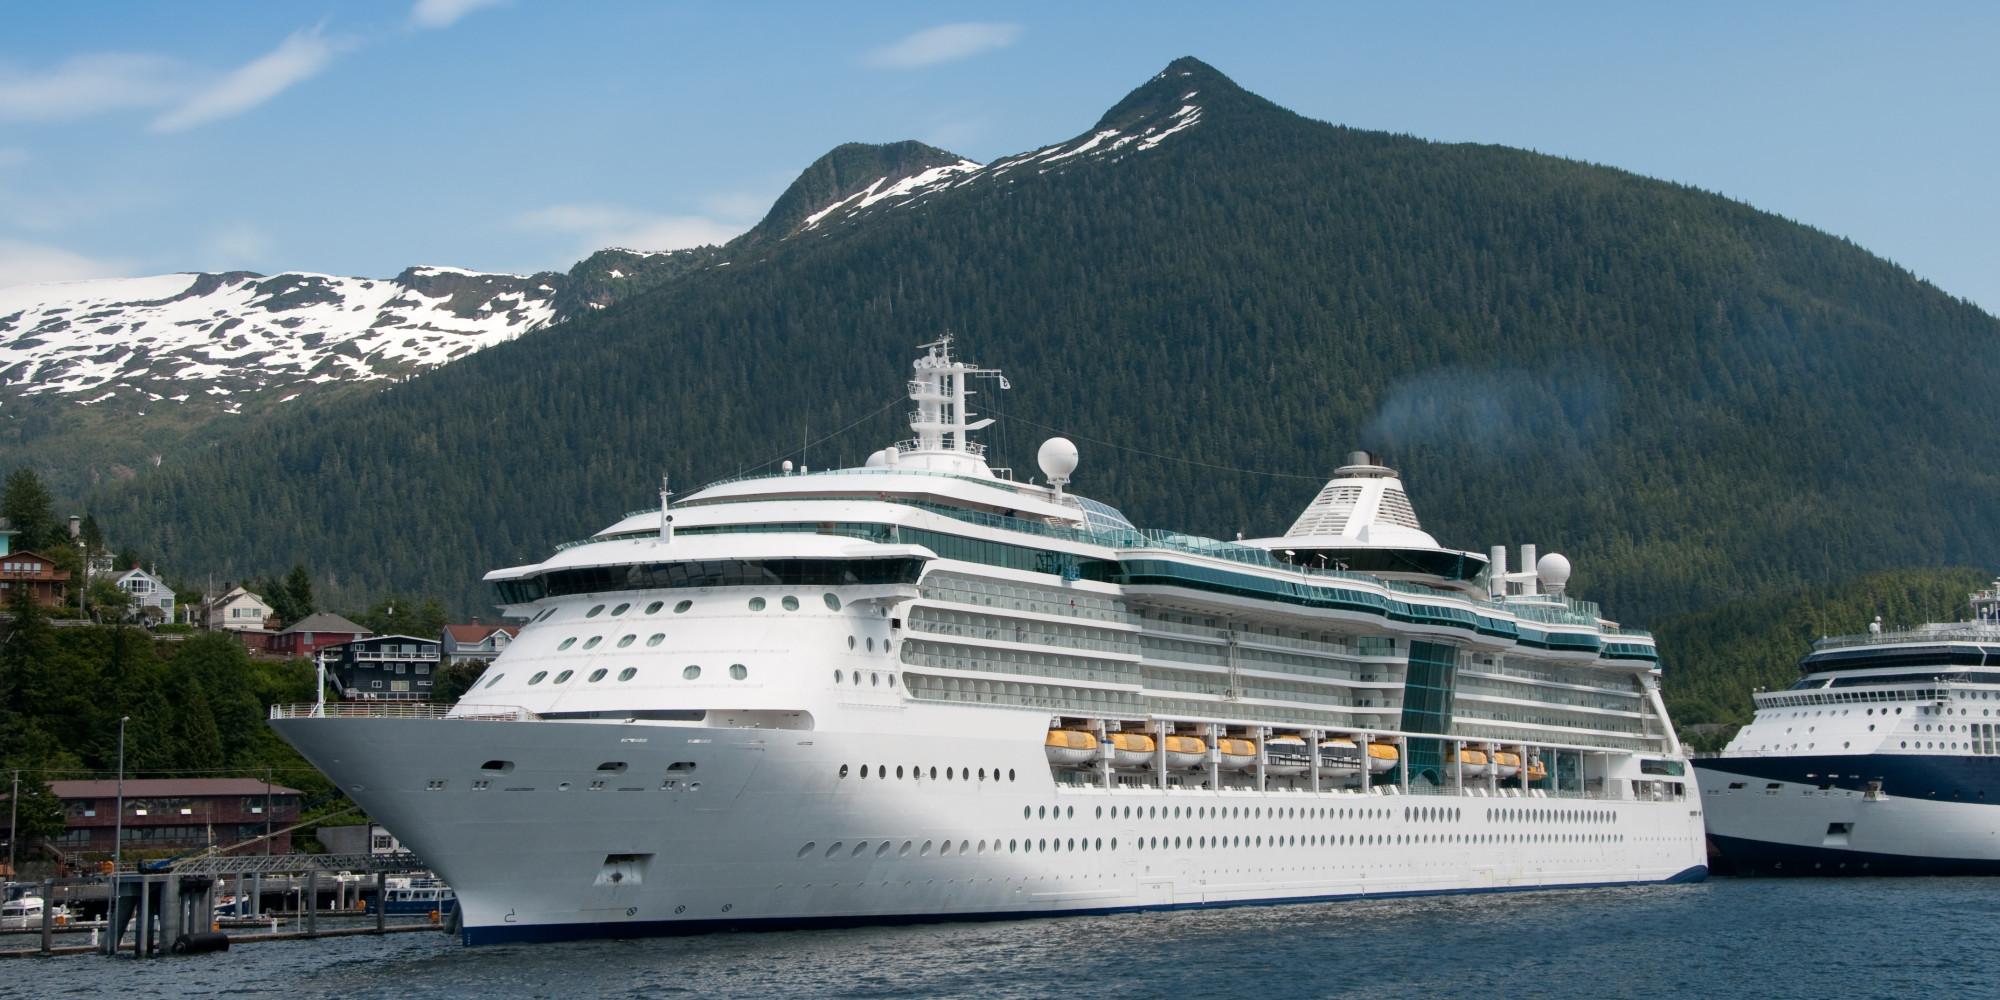 Alaska cruise ship photos